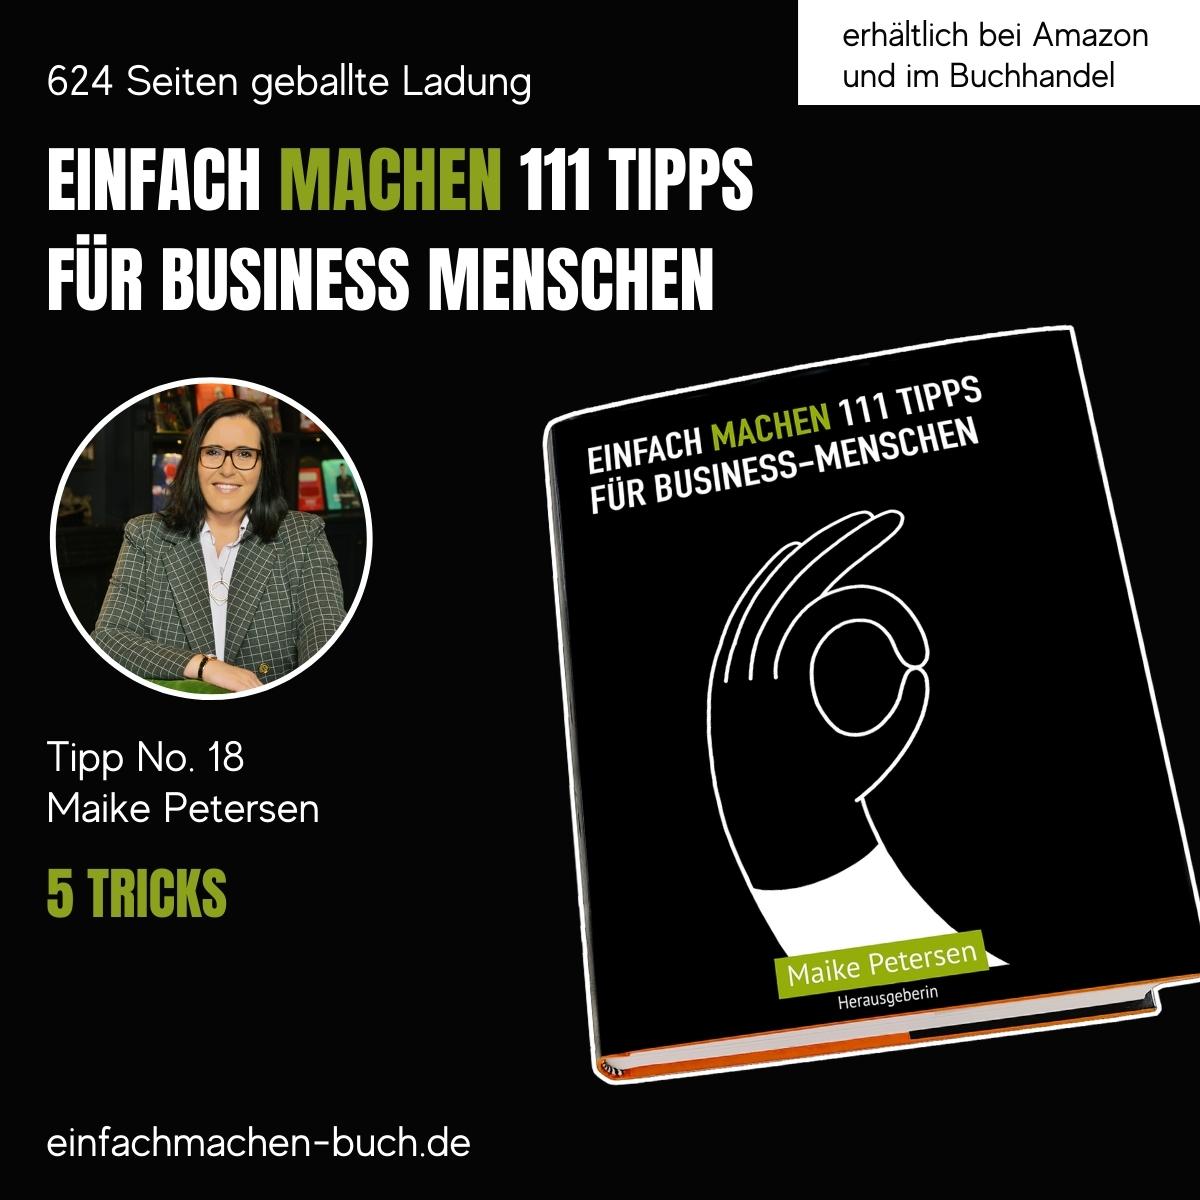 EINFACH MACHEN 111 TIPPS FÜR BUSINESS-MENSCHEN   Tipp No. 18 Maike Petersen